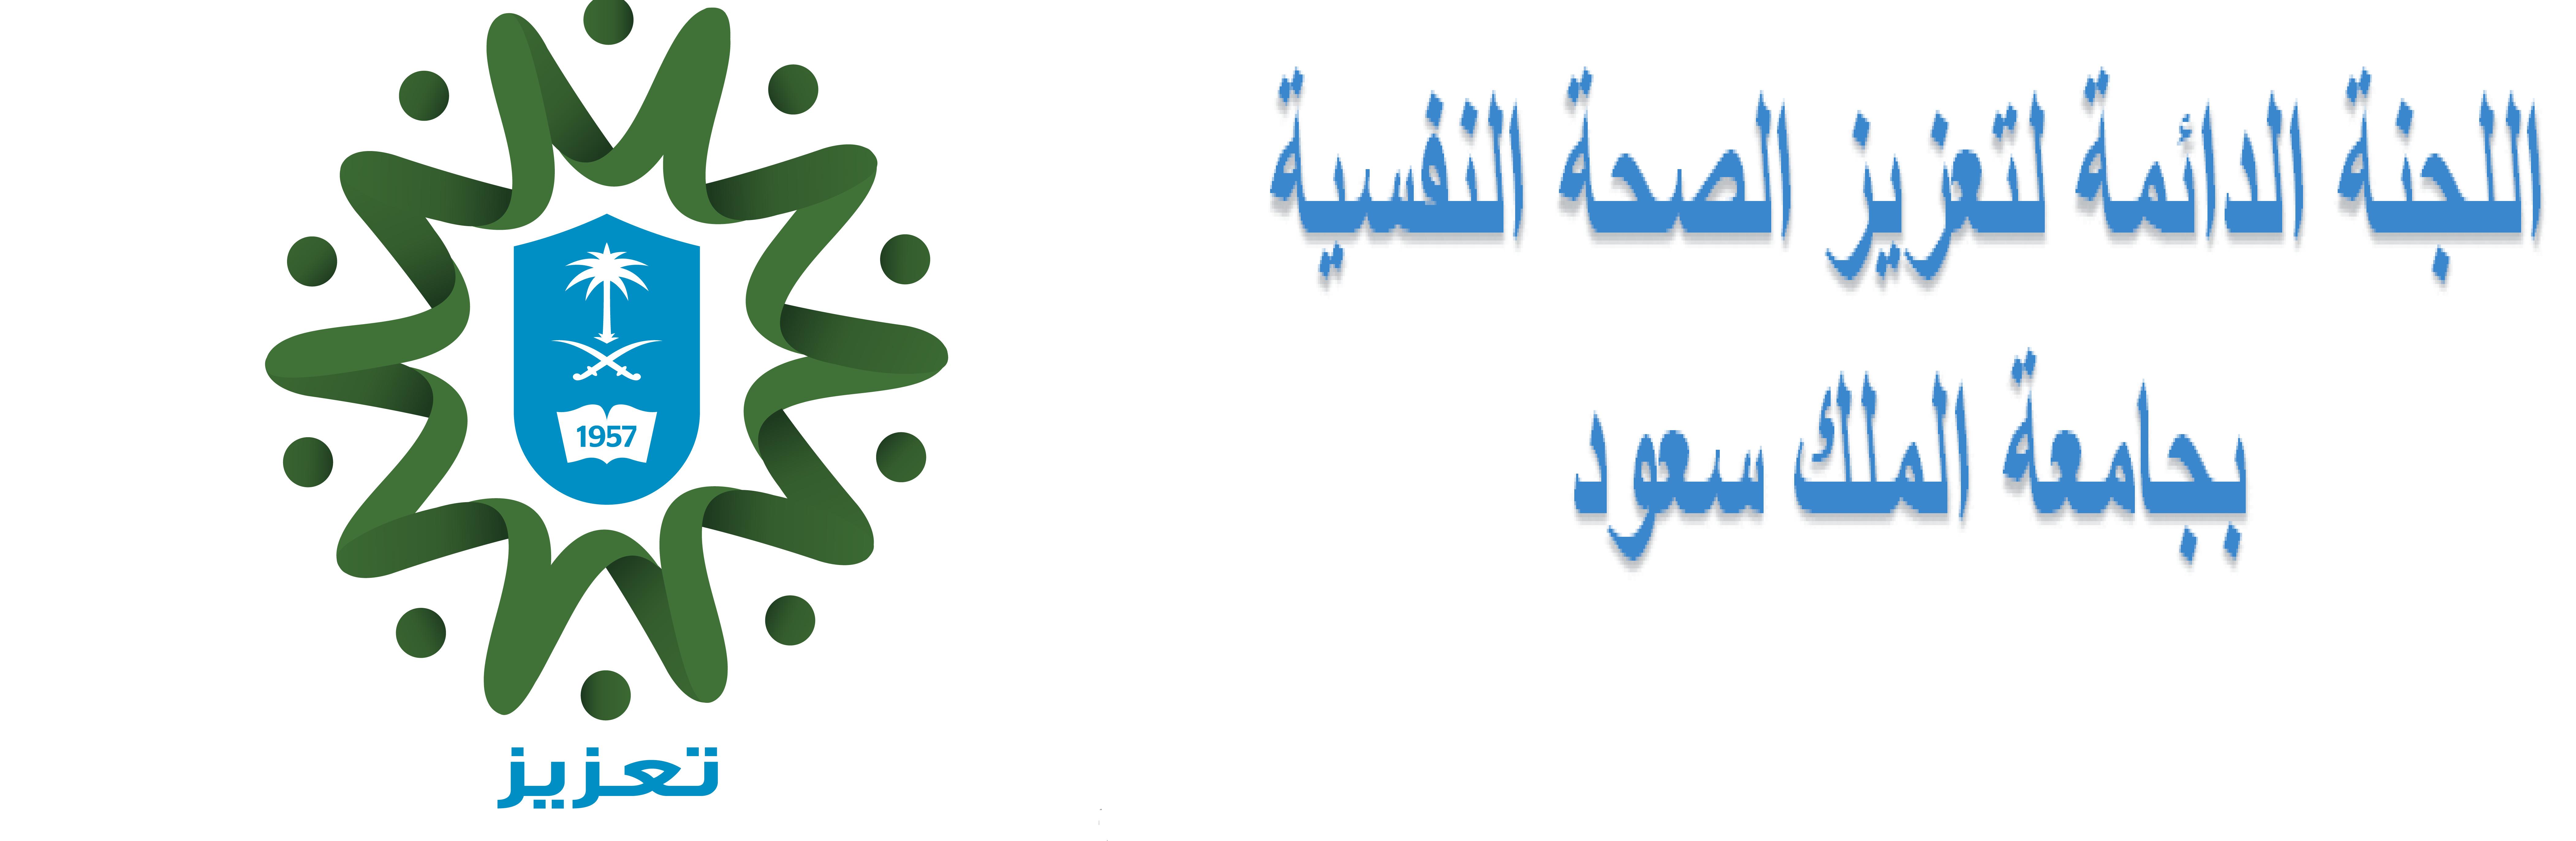 (تـعـزيـز) - اللجنة الدائمة لتعزيز الصحة...